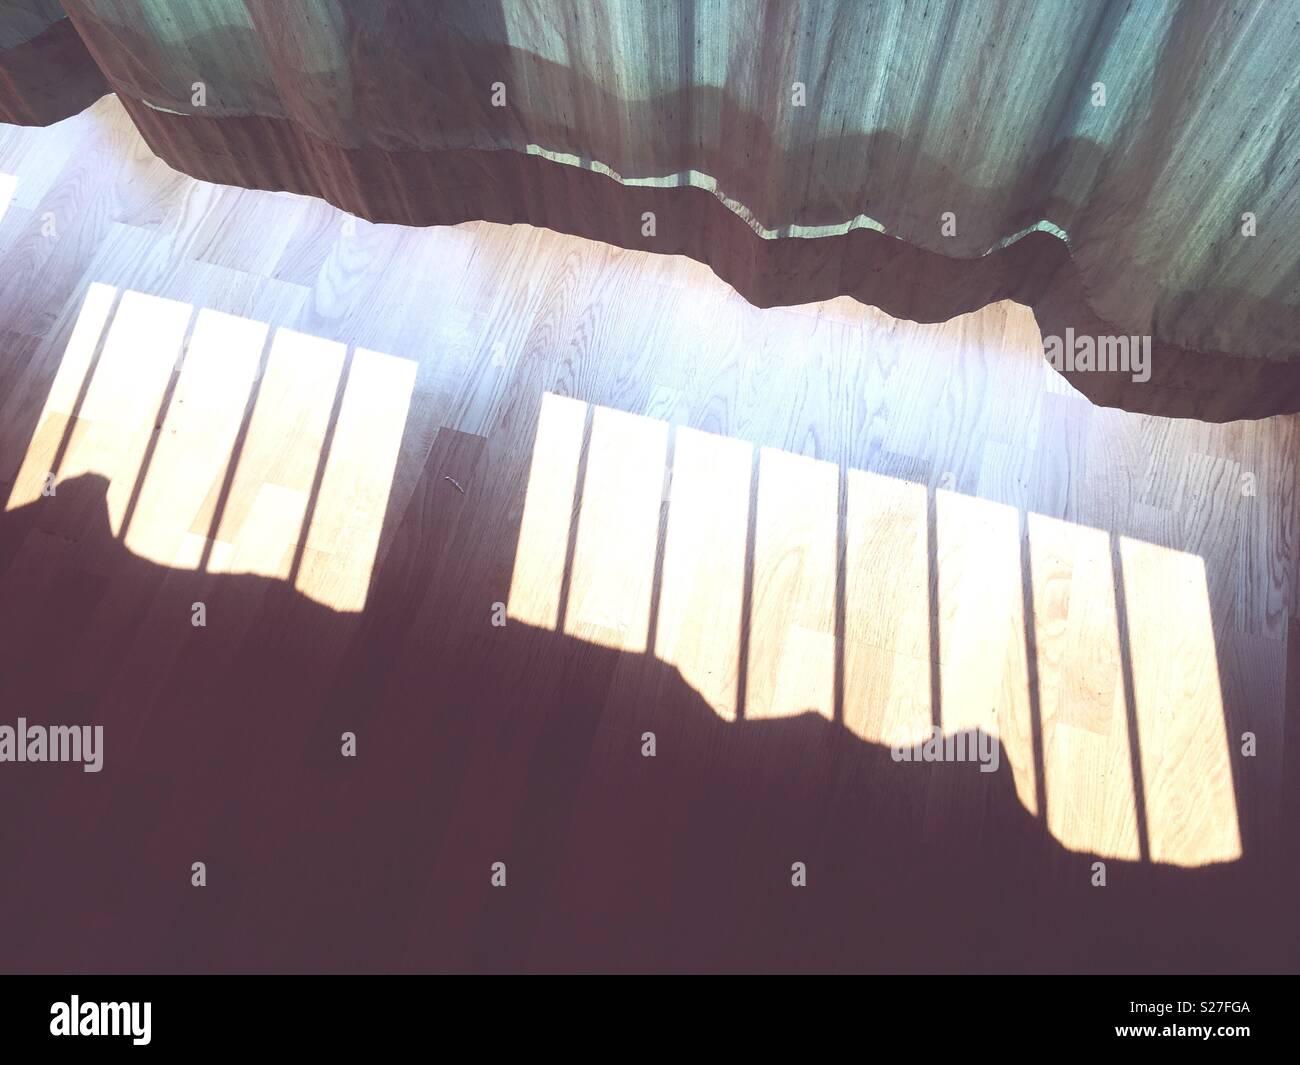 Las cortinas y la sombra de la ventana barandillas Imagen De Stock